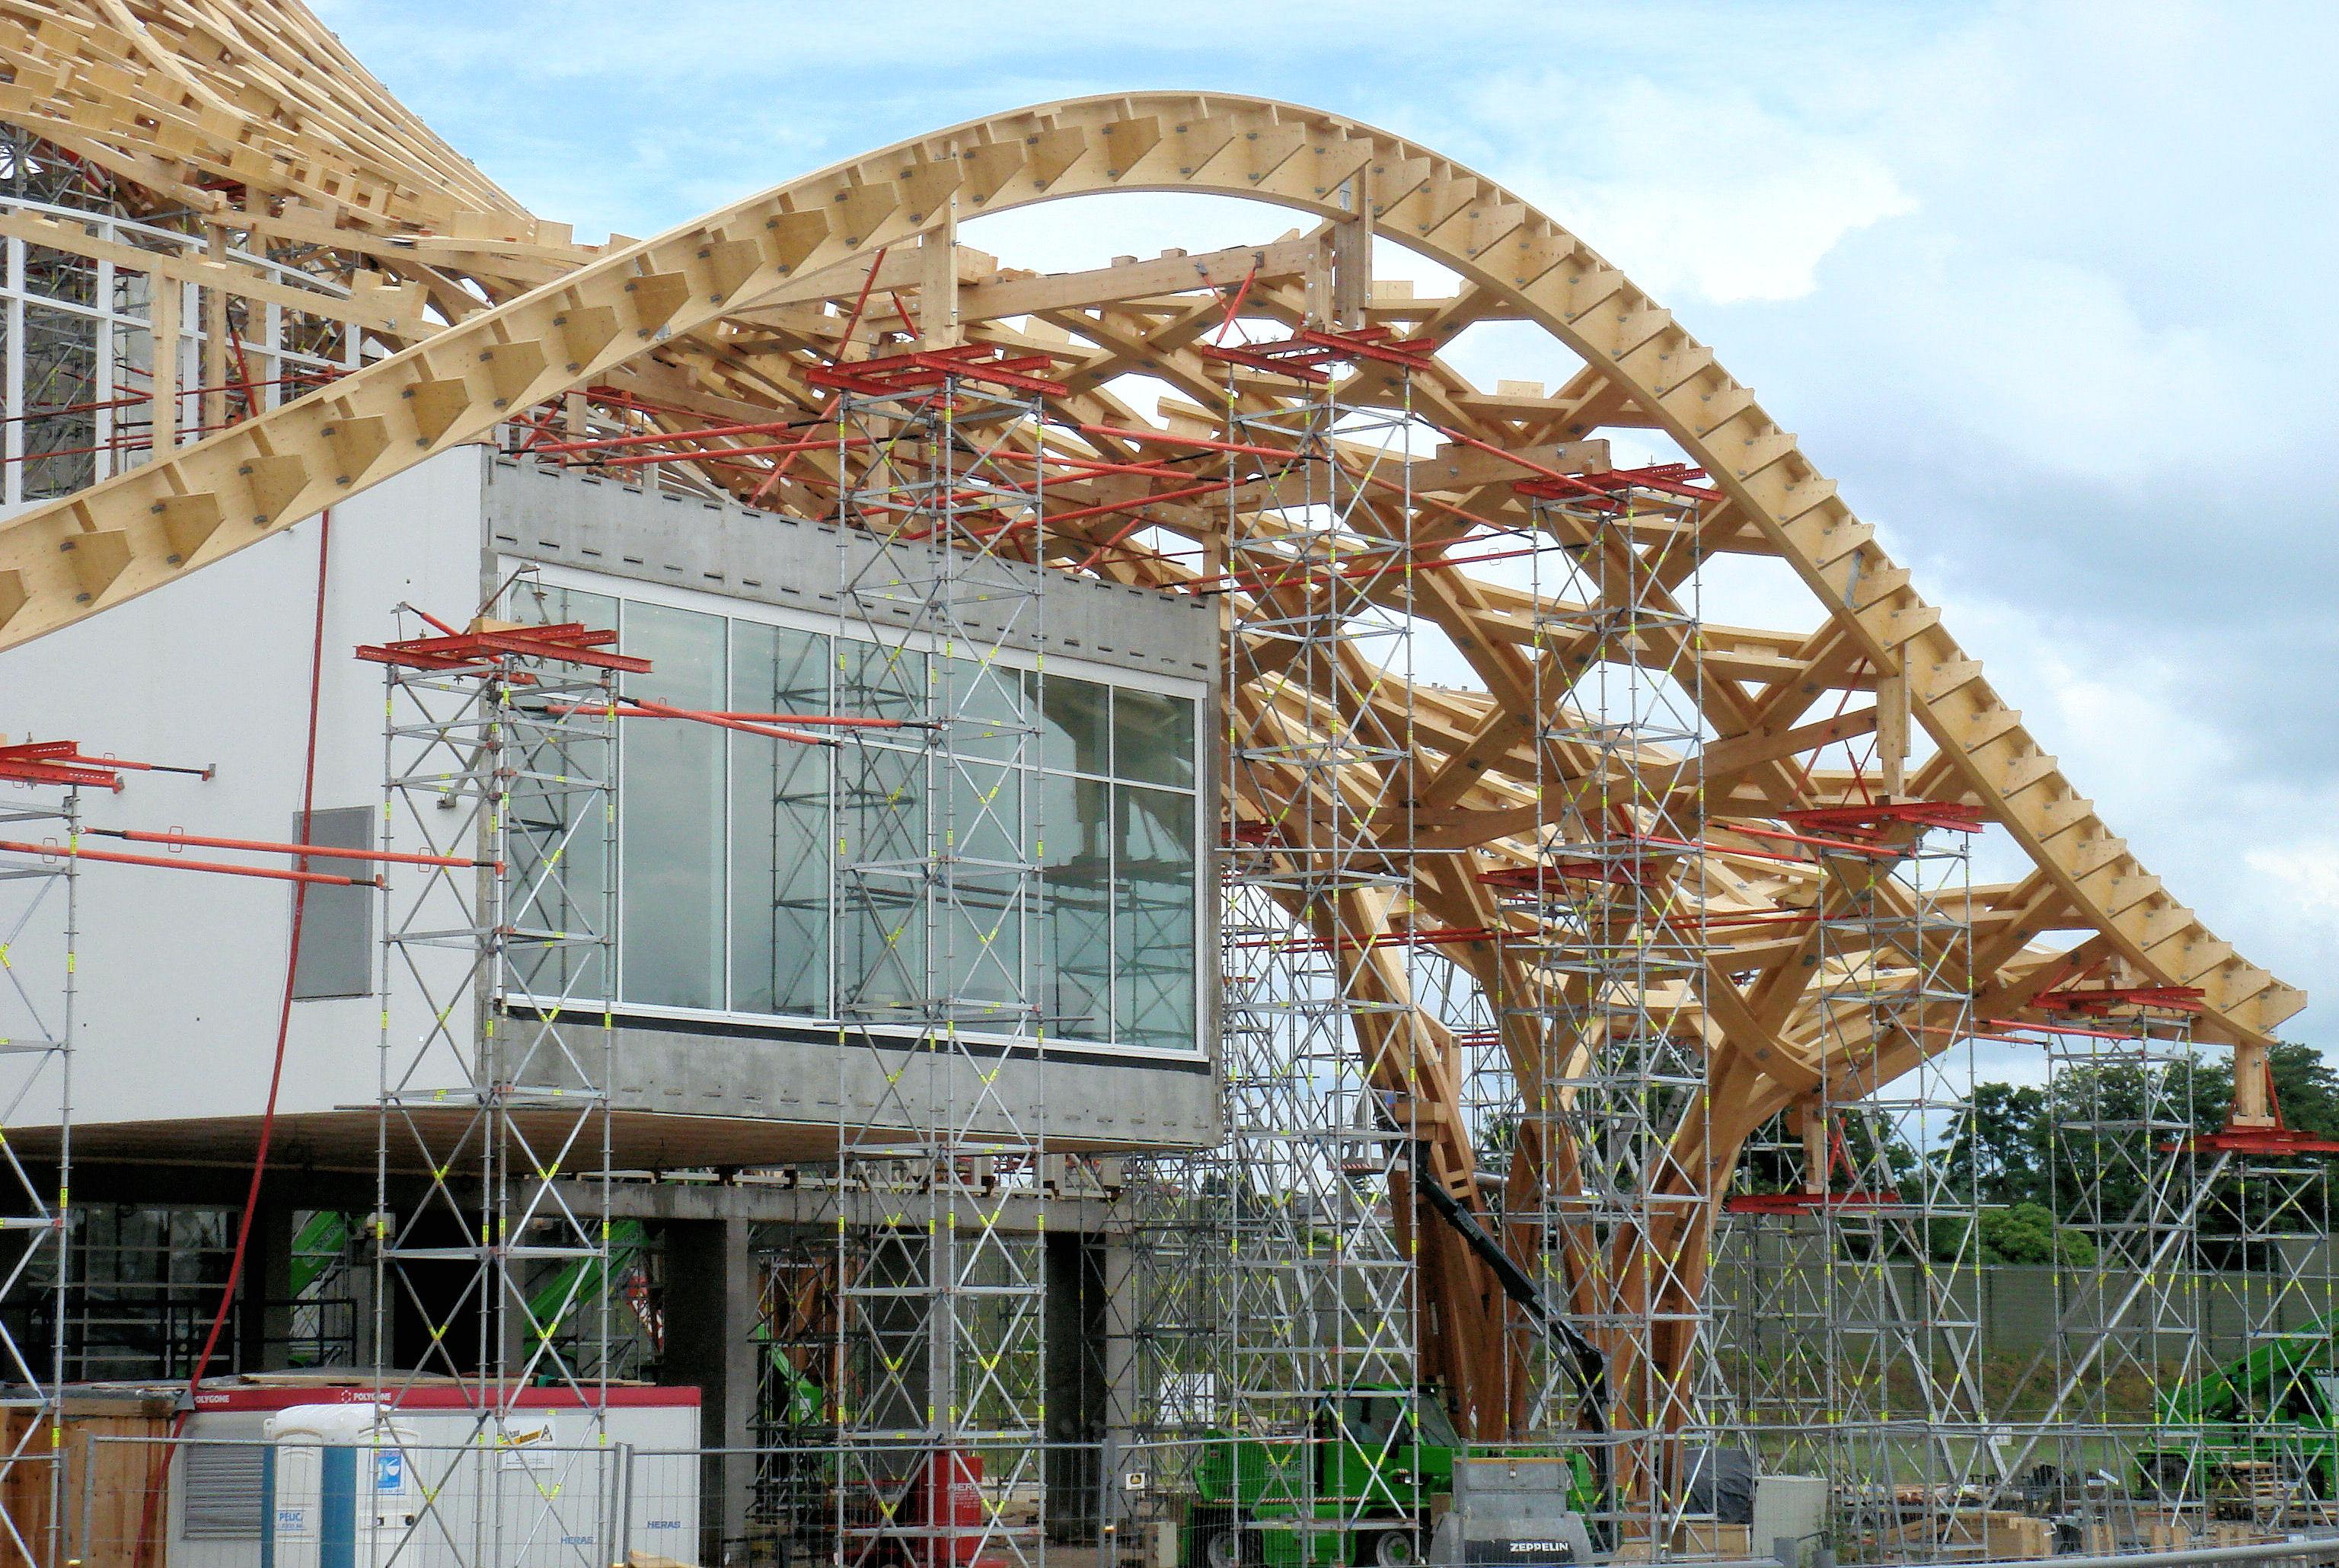 Section Bois De Charpente - File Centre Pompidou Metz Charpente en bois autour de la galerie 1 et pied tulipe de la